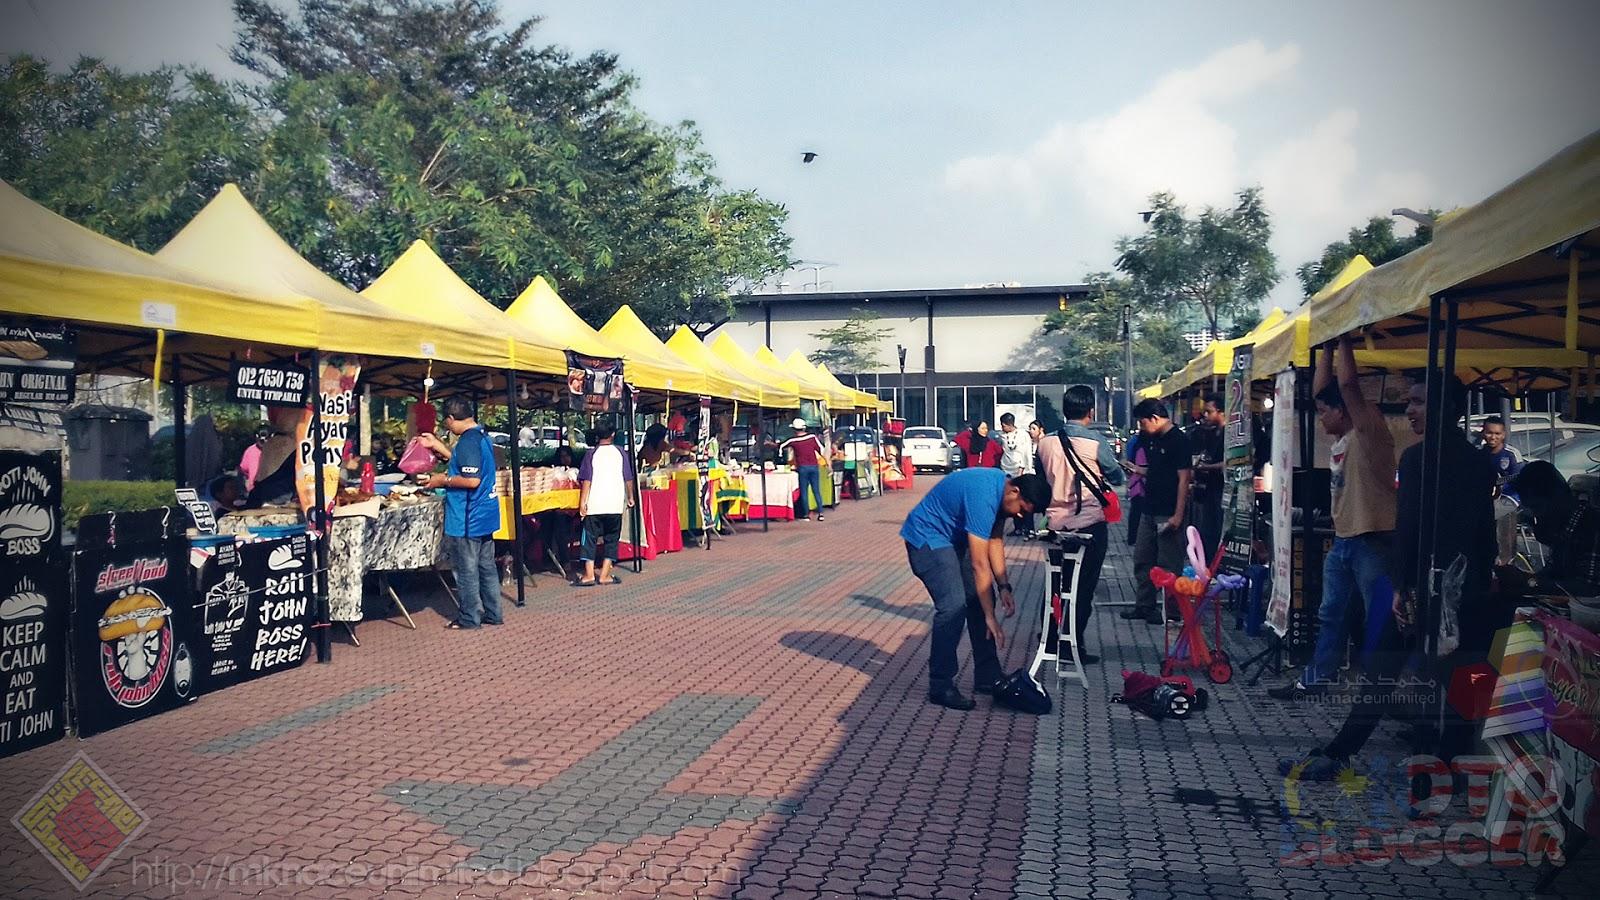 Hari Meronda Seiskandar Puteri Mknace Unlimited The Colours Of Life Roti Tissue By Canai Ikhwan Gh Corner Mks Khas Untuk Angah